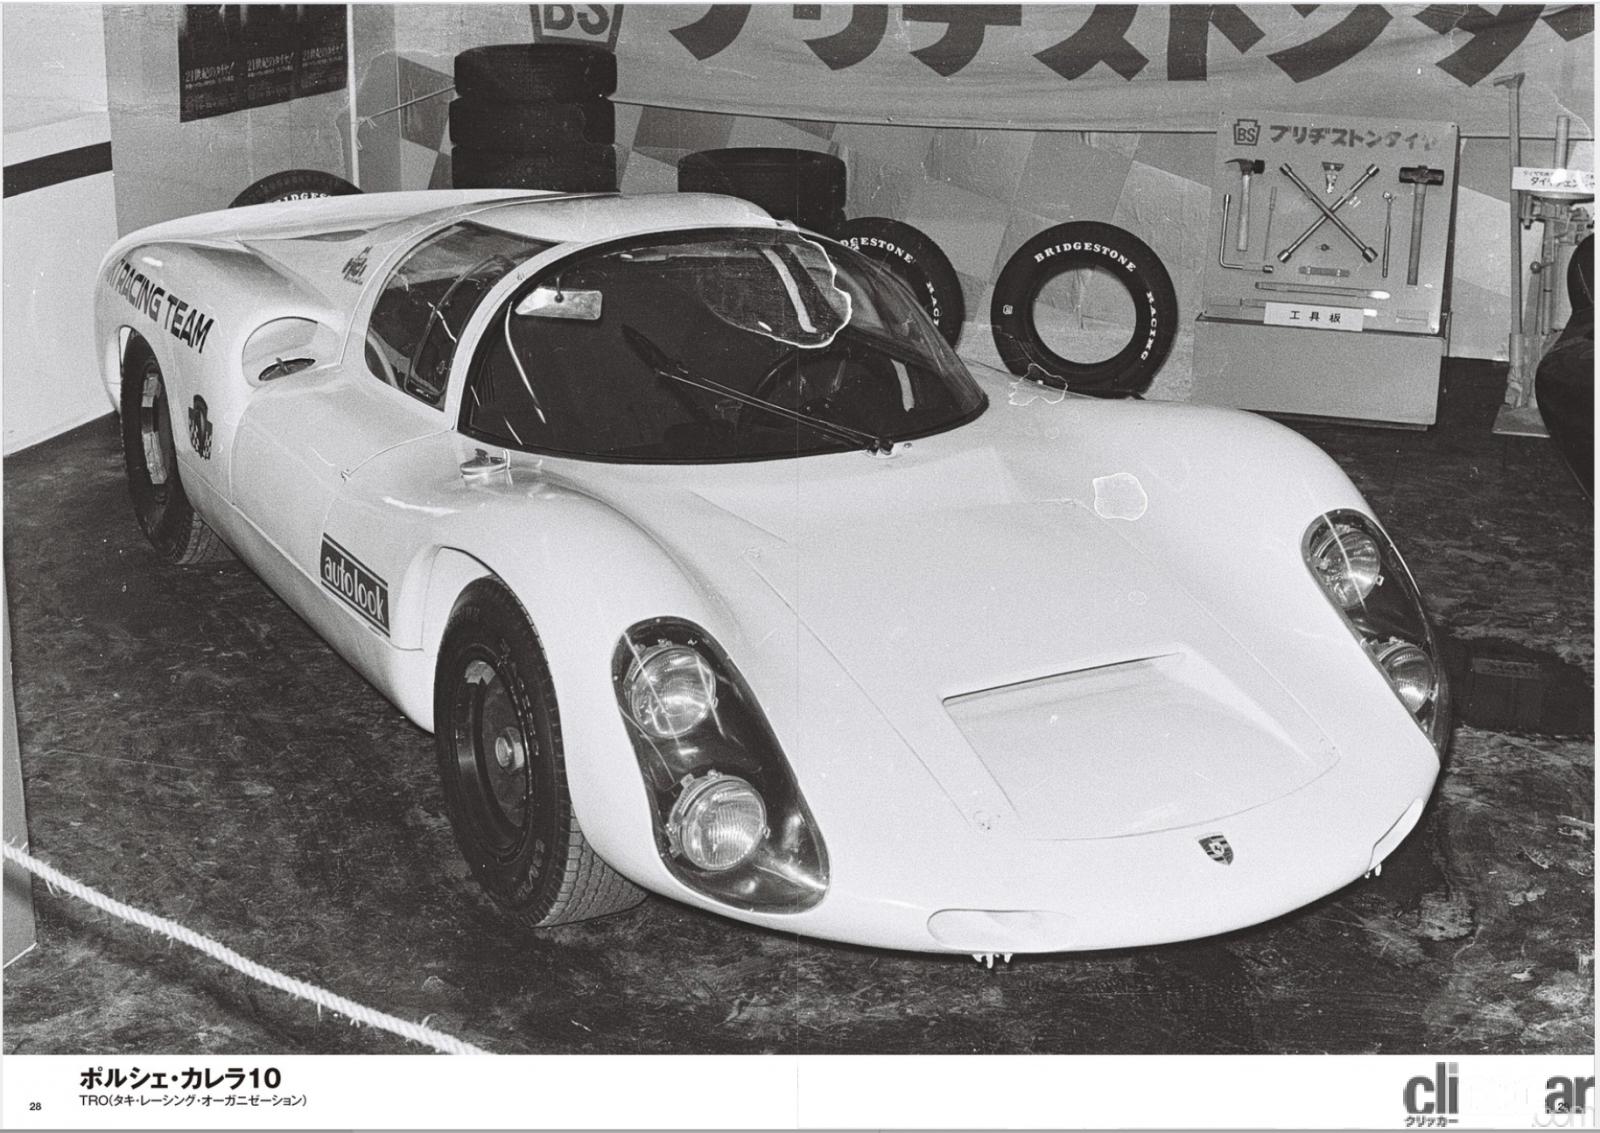 「三億円事件が起きた1968年、伝説の自動車イベント「東京レーシングカーショー」の第1回が開催された!」の6枚目の画像